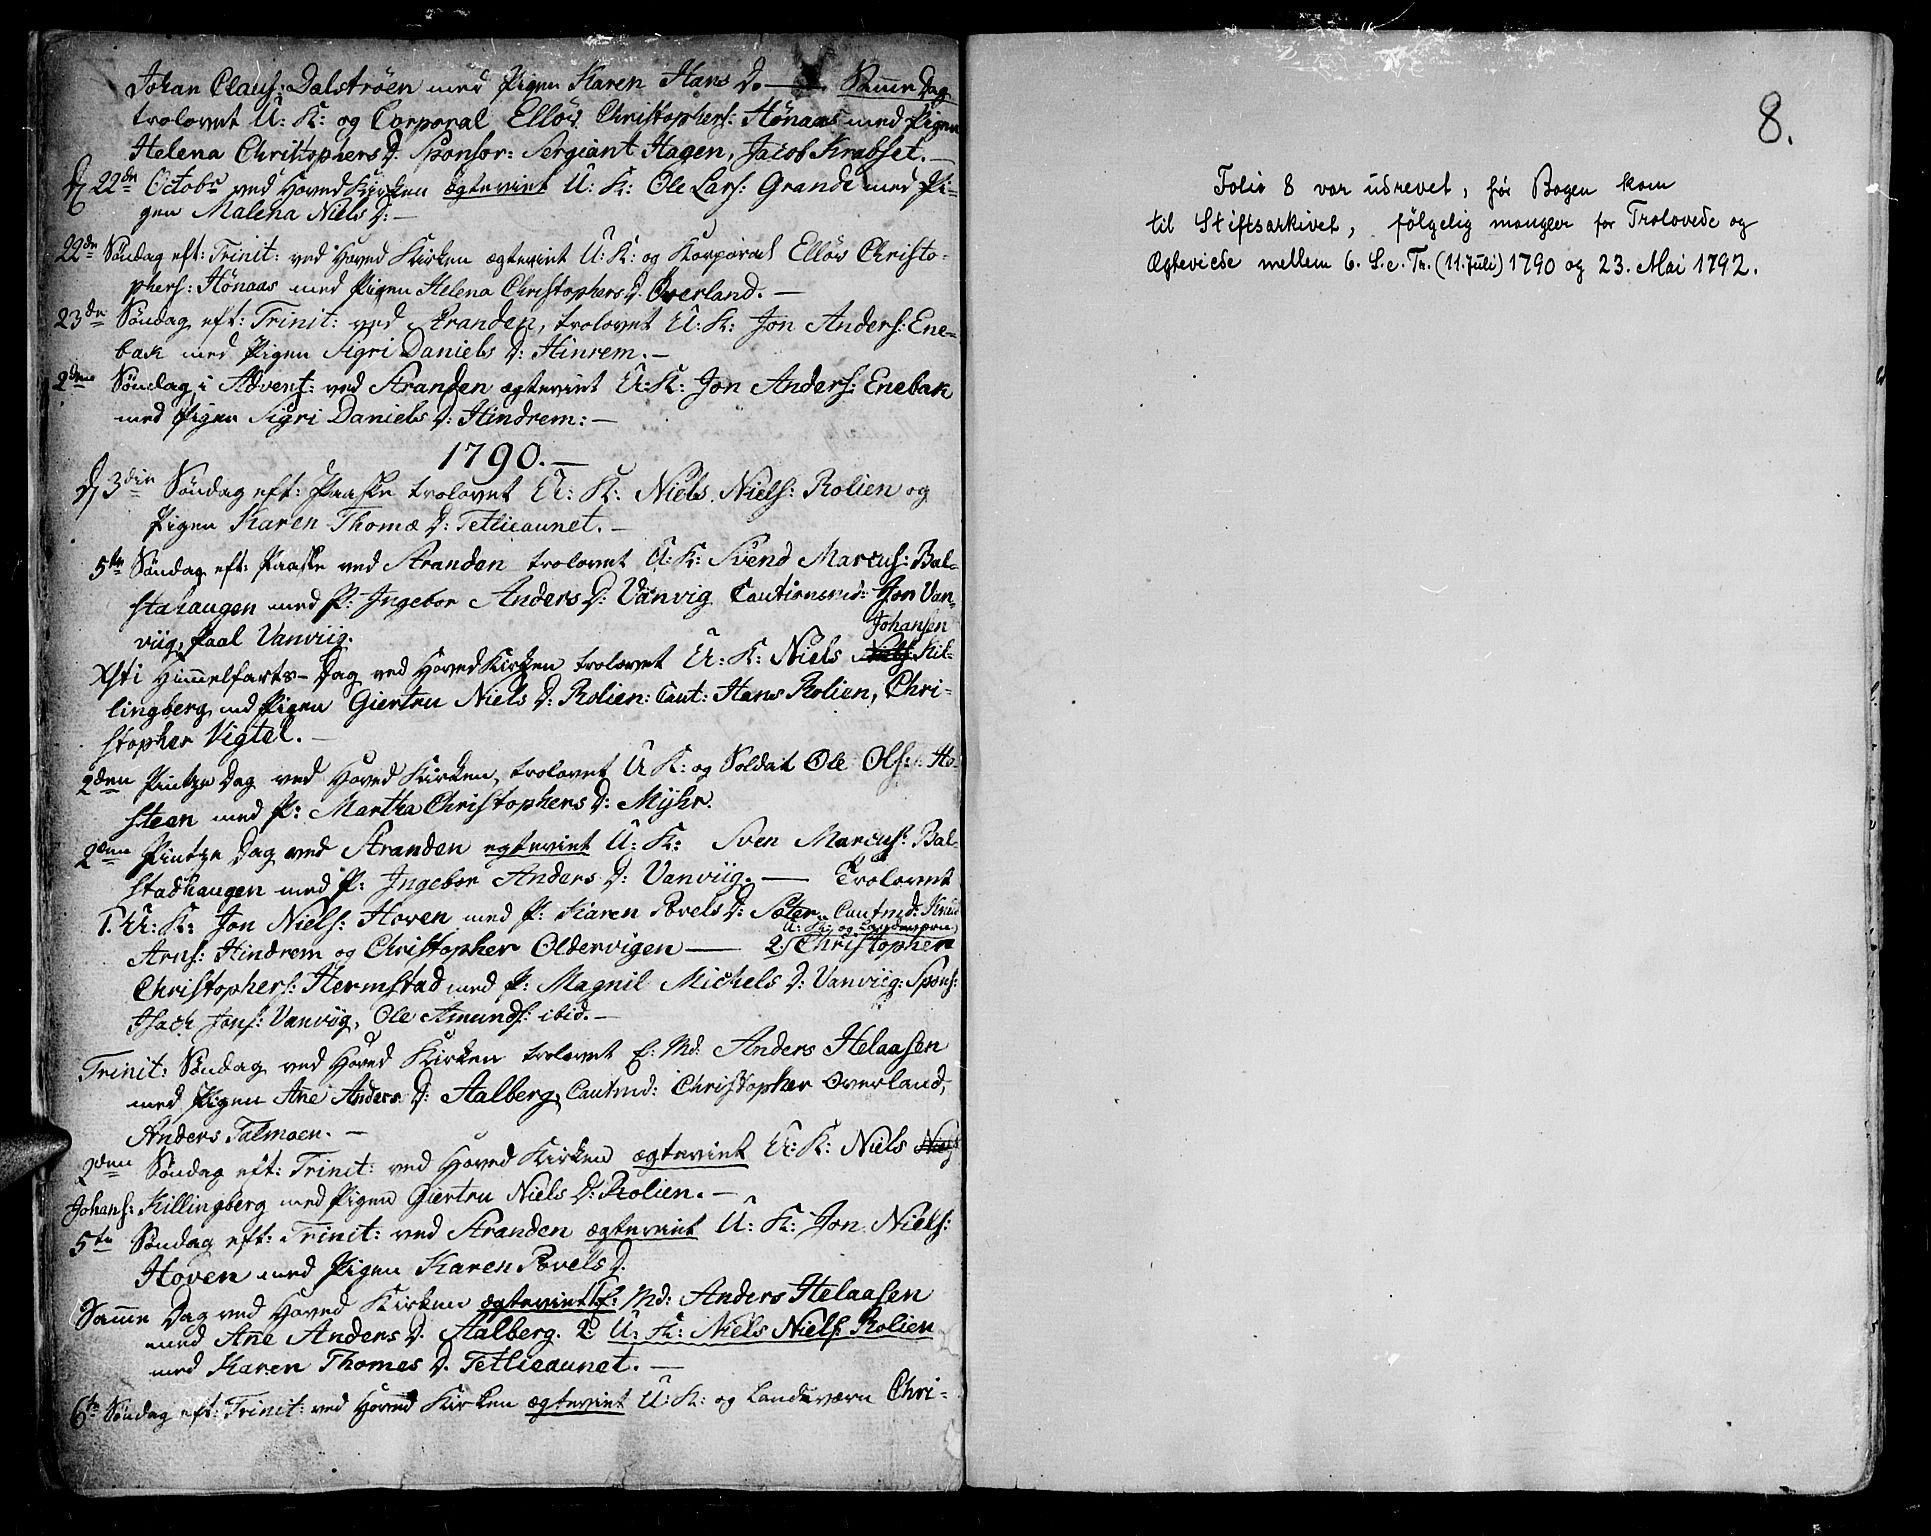 SAT, Ministerialprotokoller, klokkerbøker og fødselsregistre - Nord-Trøndelag, 701/L0004: Ministerialbok nr. 701A04, 1783-1816, s. 8